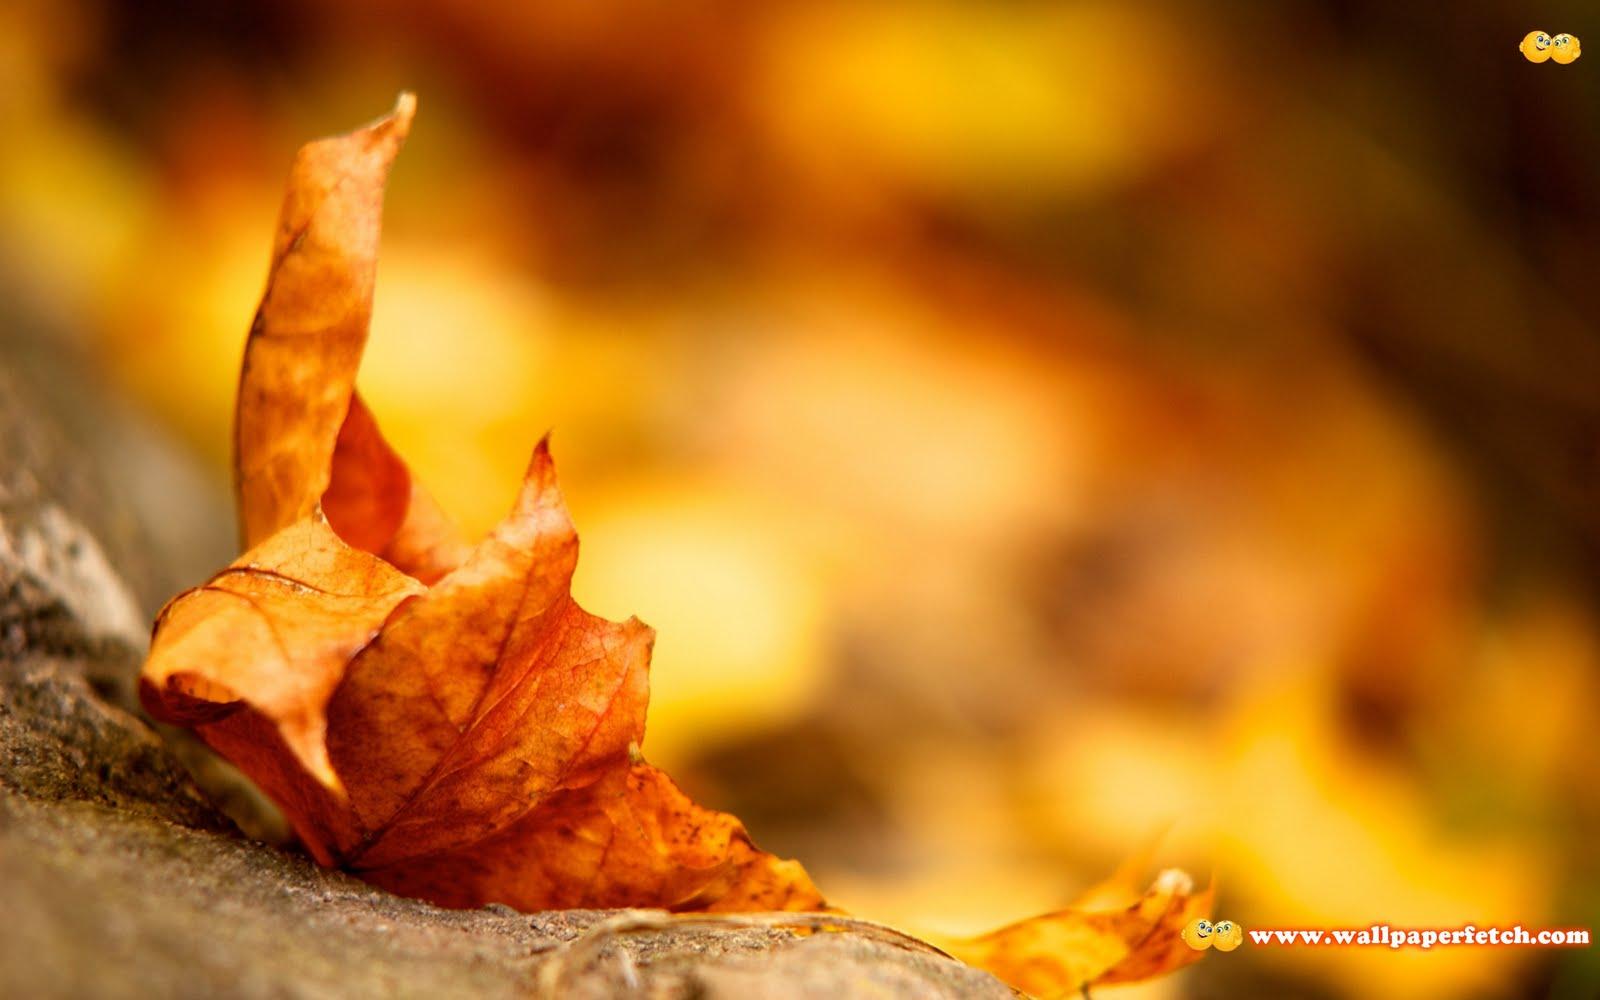 http://2.bp.blogspot.com/-JrJ8Xf0jhZo/TrxDijOZqOI/AAAAAAAAJgI/gDEj3m7_XzU/s1600/SuperPack_Beautiful_Nature_HD_Wallpapers_Part__80.48.jpg